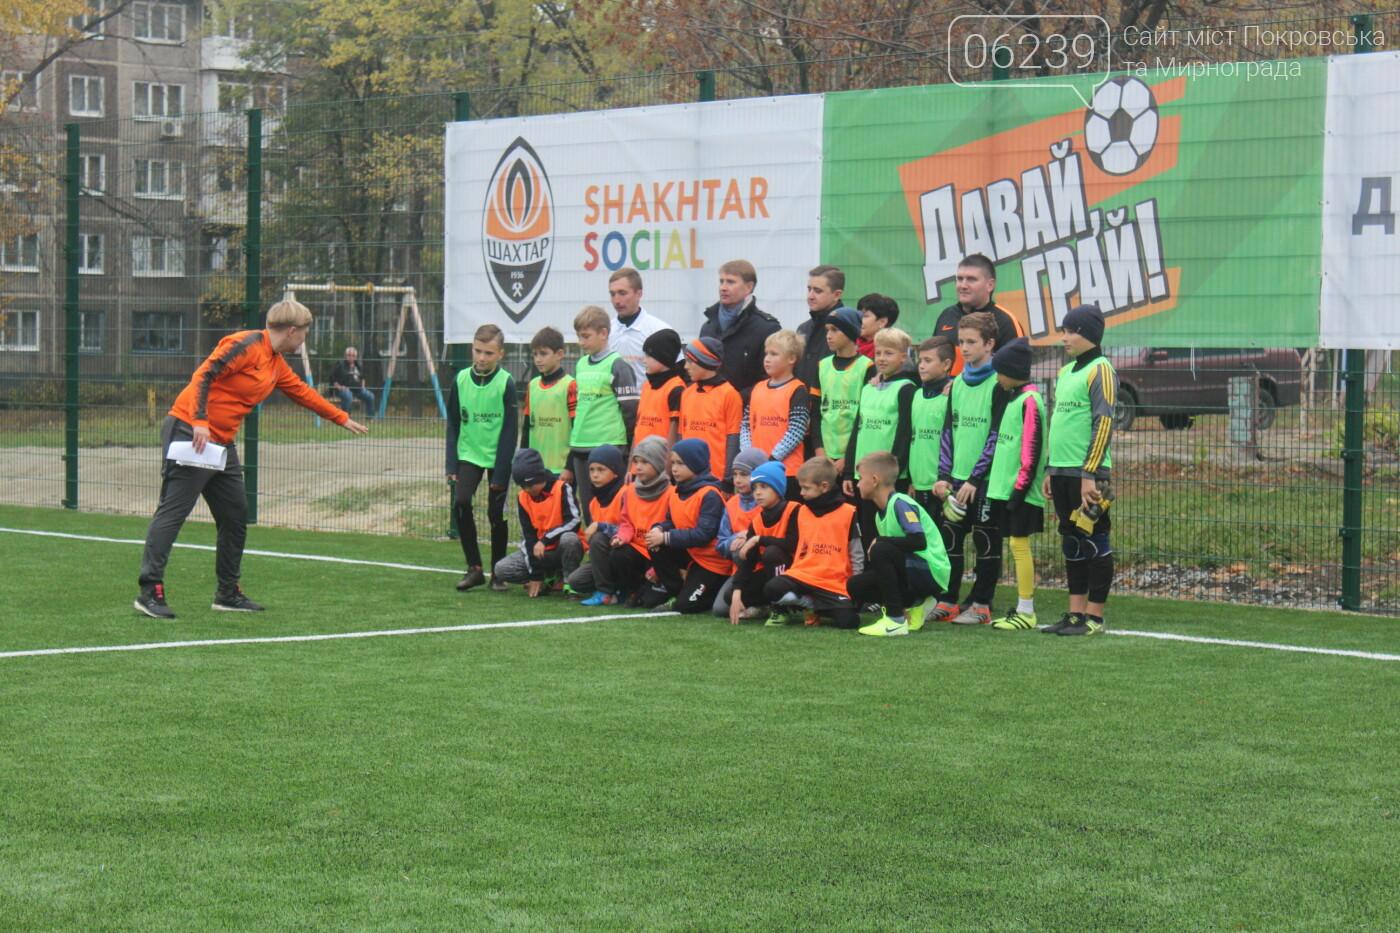 В Мирнограде открыли еще одно футбольное поле с искусственным покрытием, фото-5